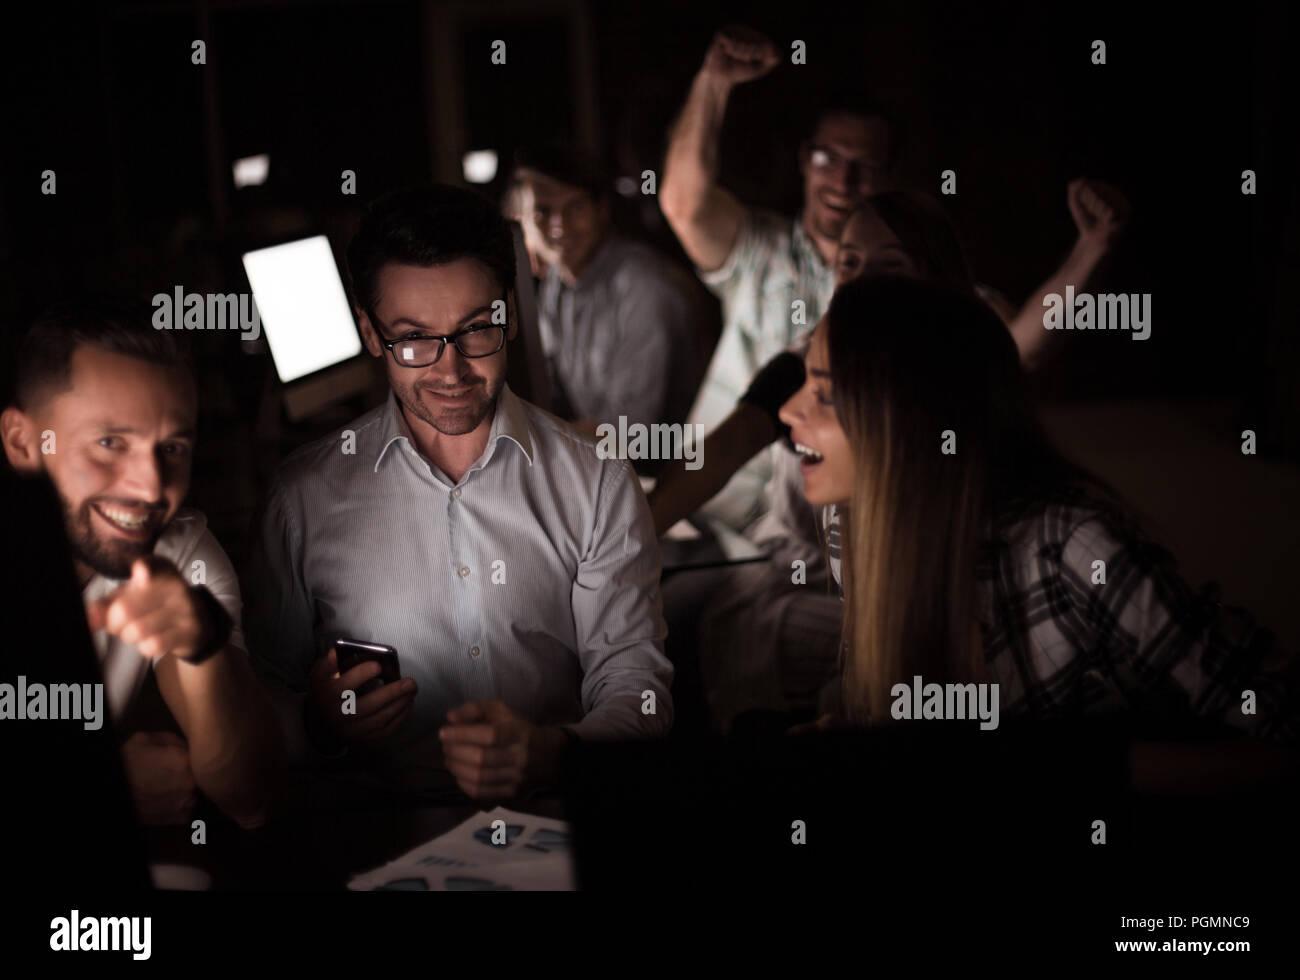 Happy business team nel luogo di lavoro di sera. Immagini Stock